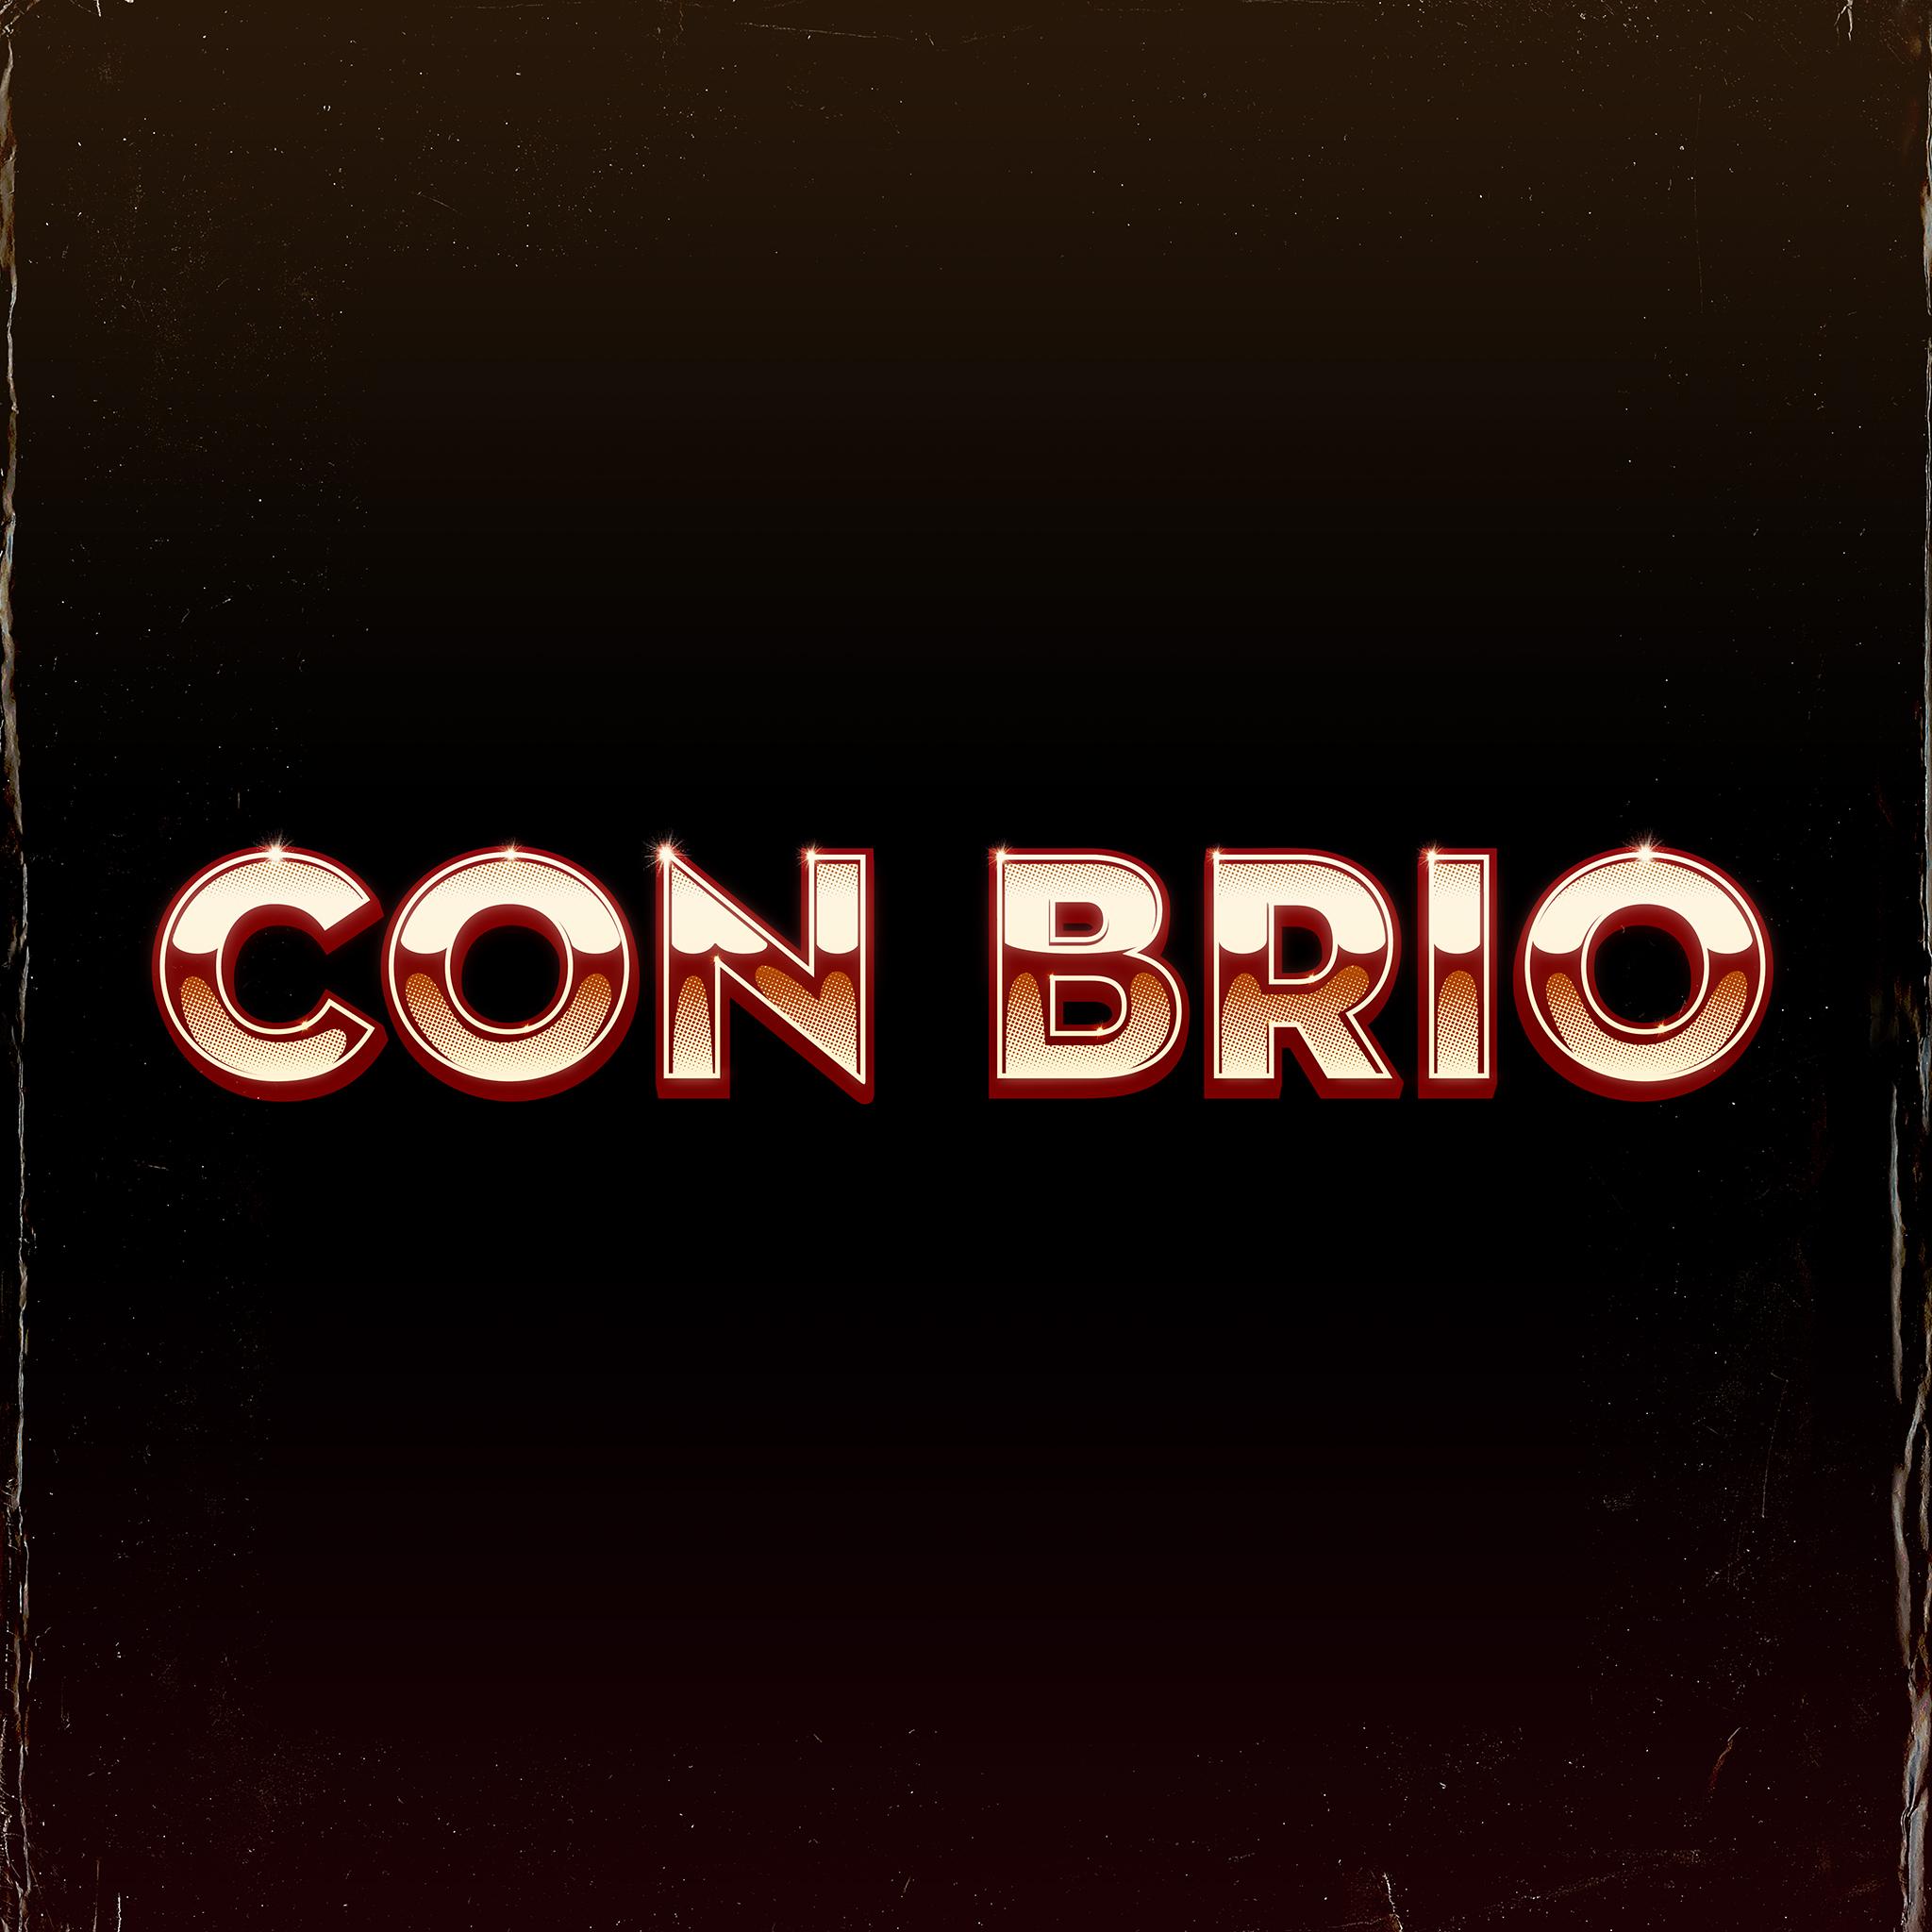 Con Brio Logos